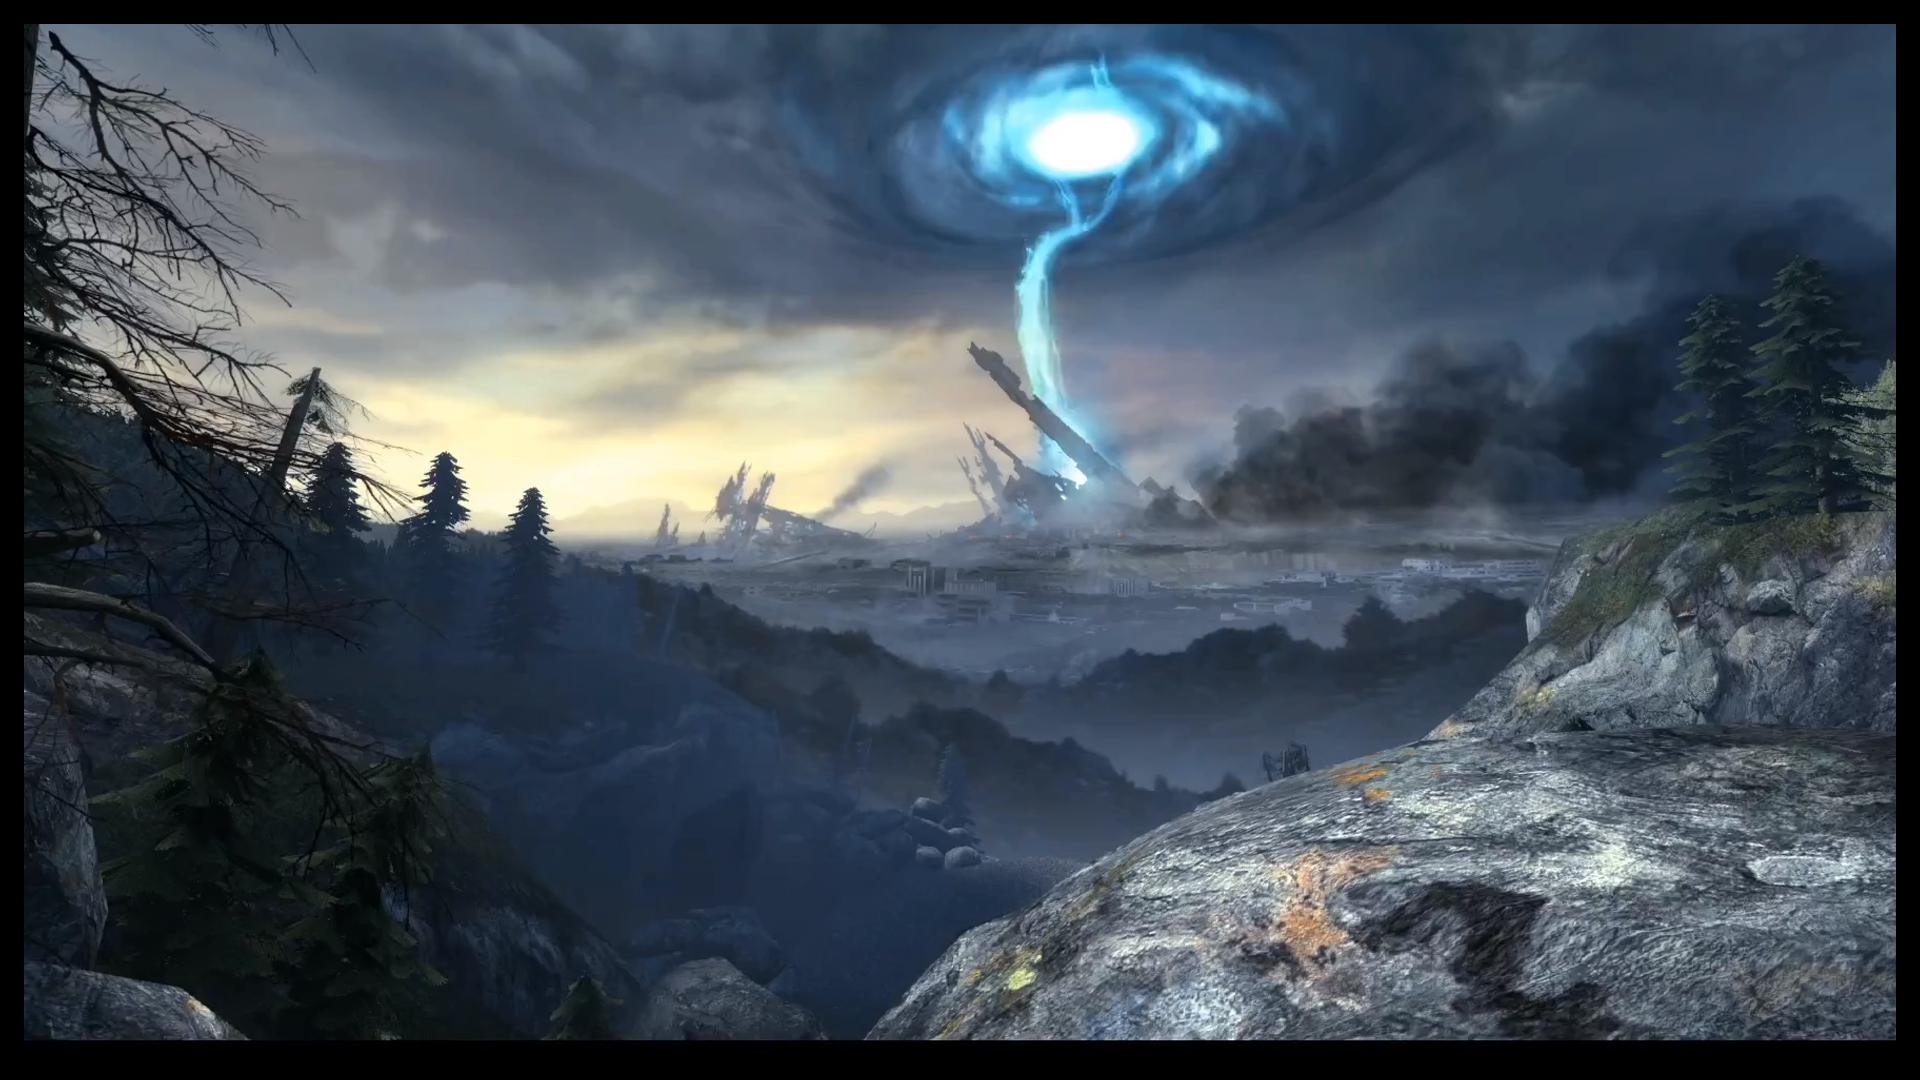 Half Life 2 Portal Storm Gaming Wallpaper Video In 2021 Gaming Wallpapers Wallpaper Iphone Background Wallpaper